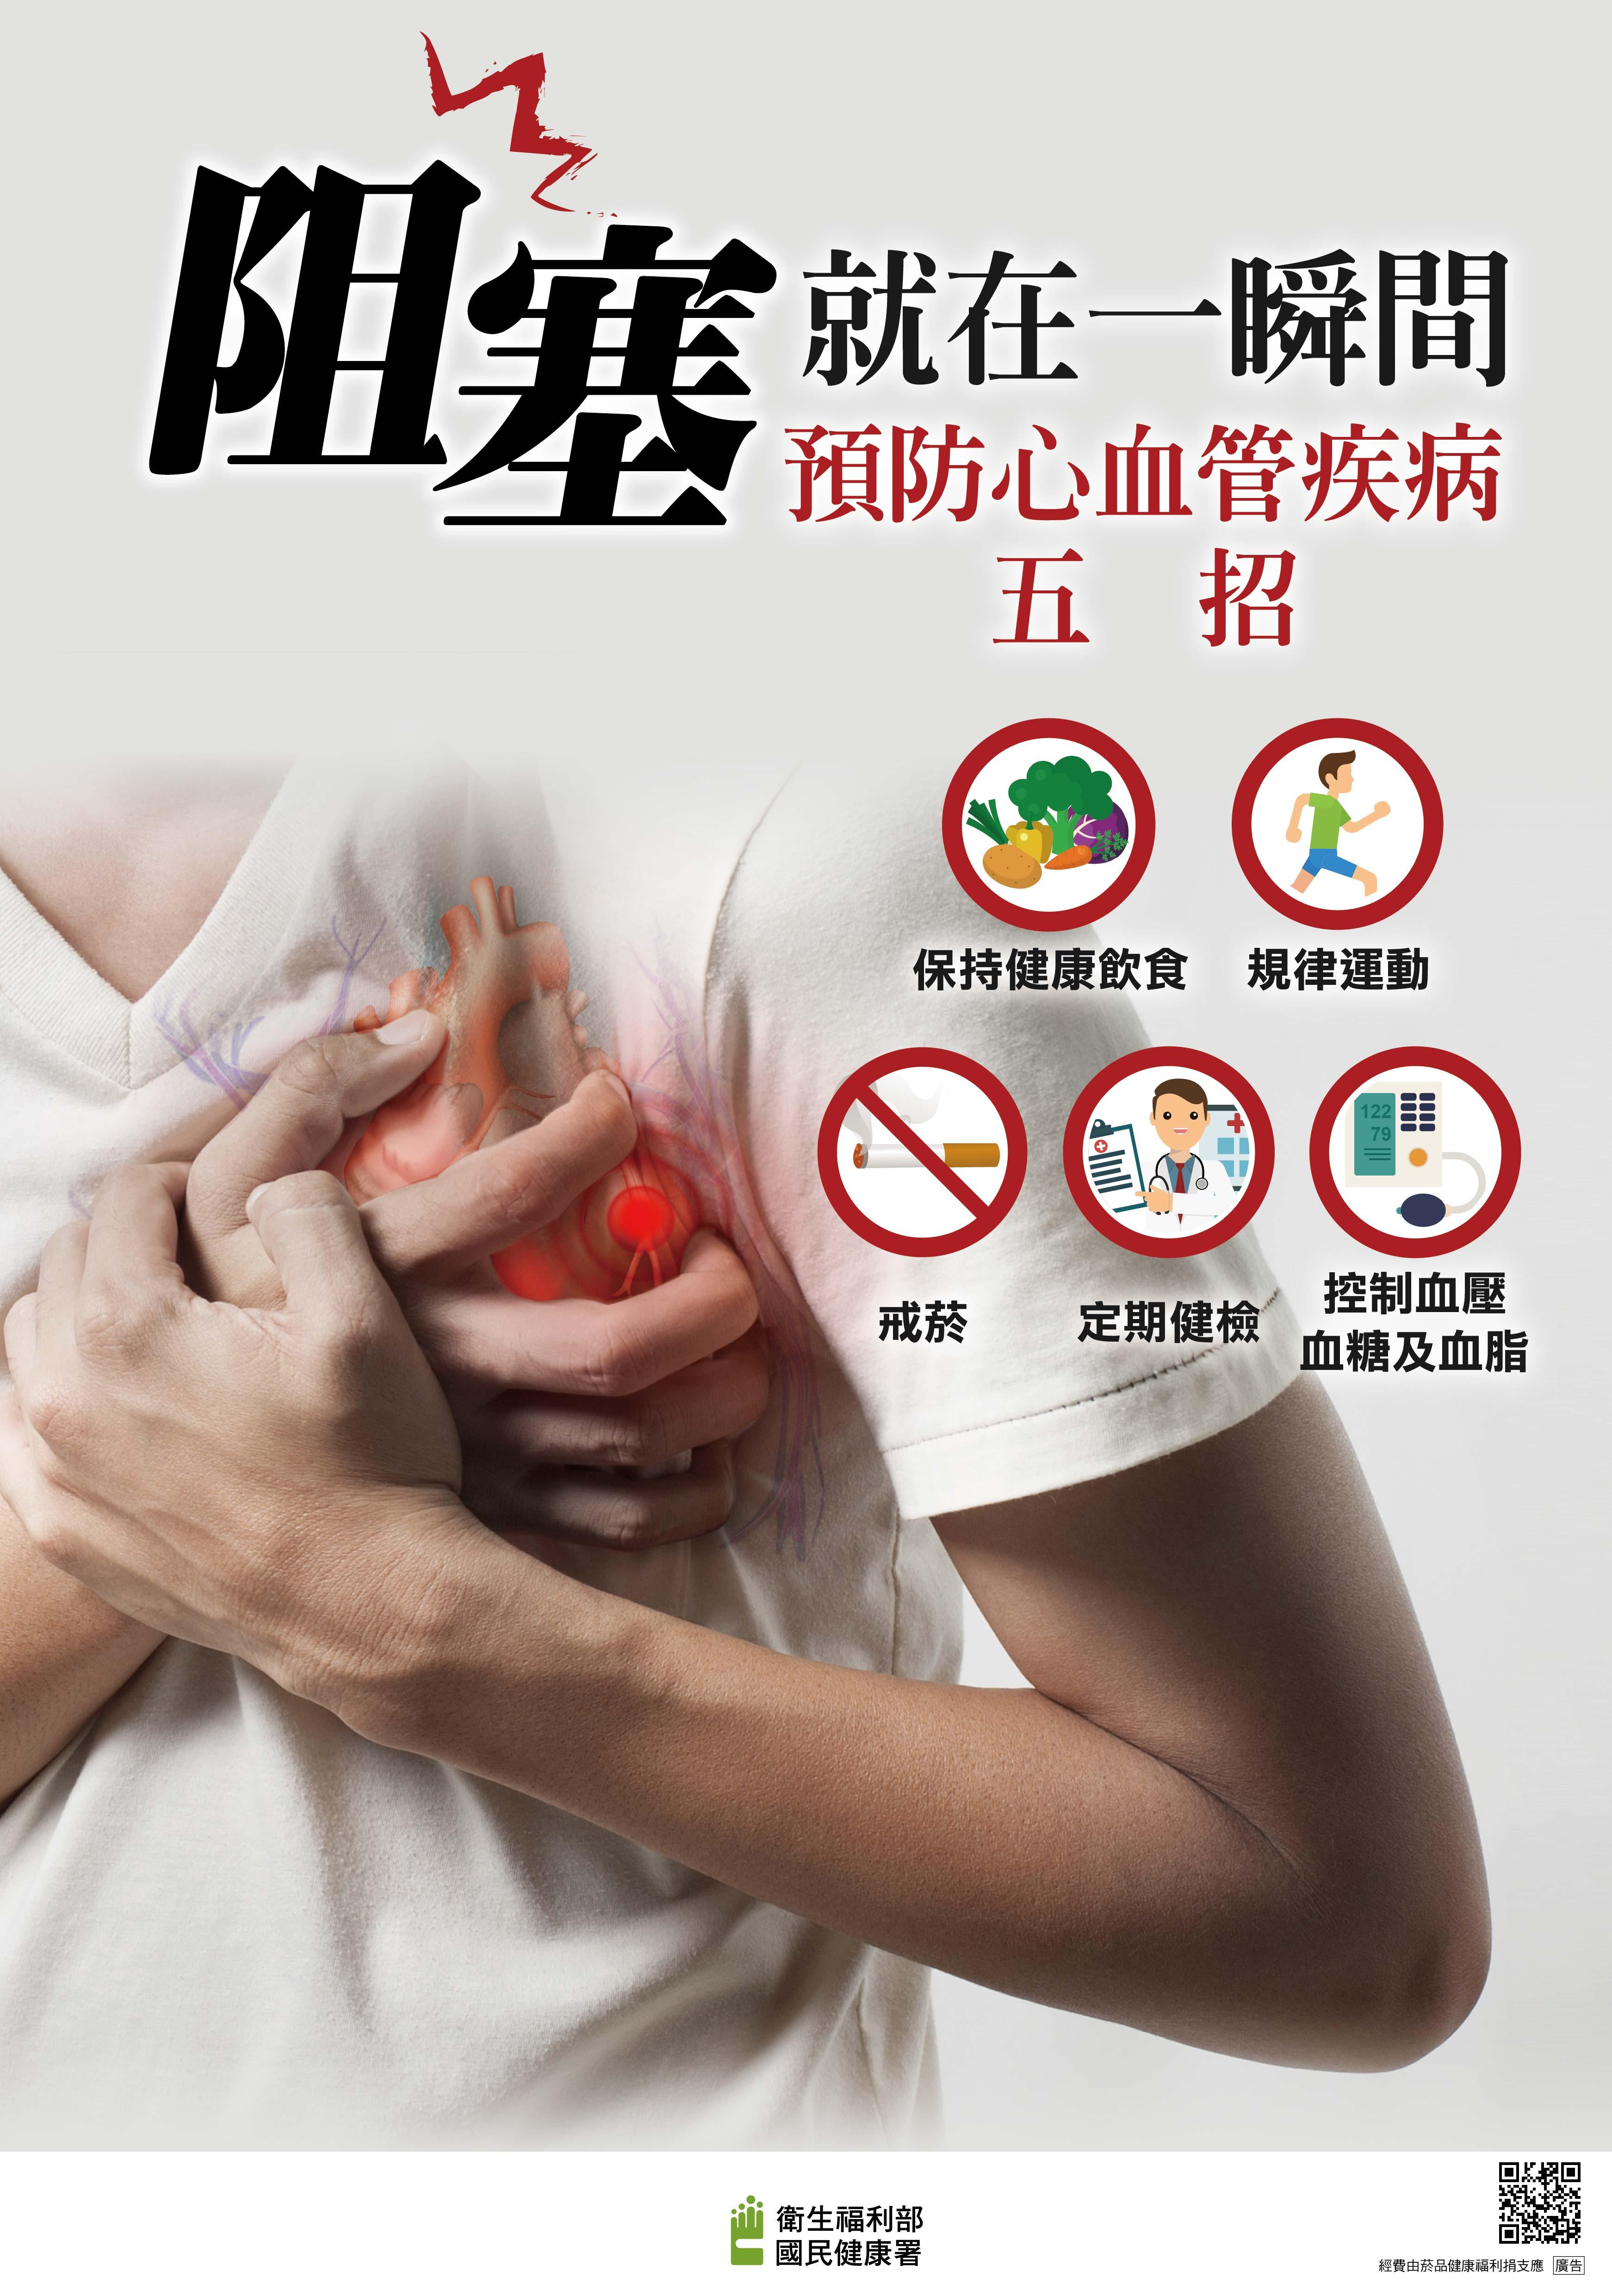 預防心血管疾病-阻塞篇